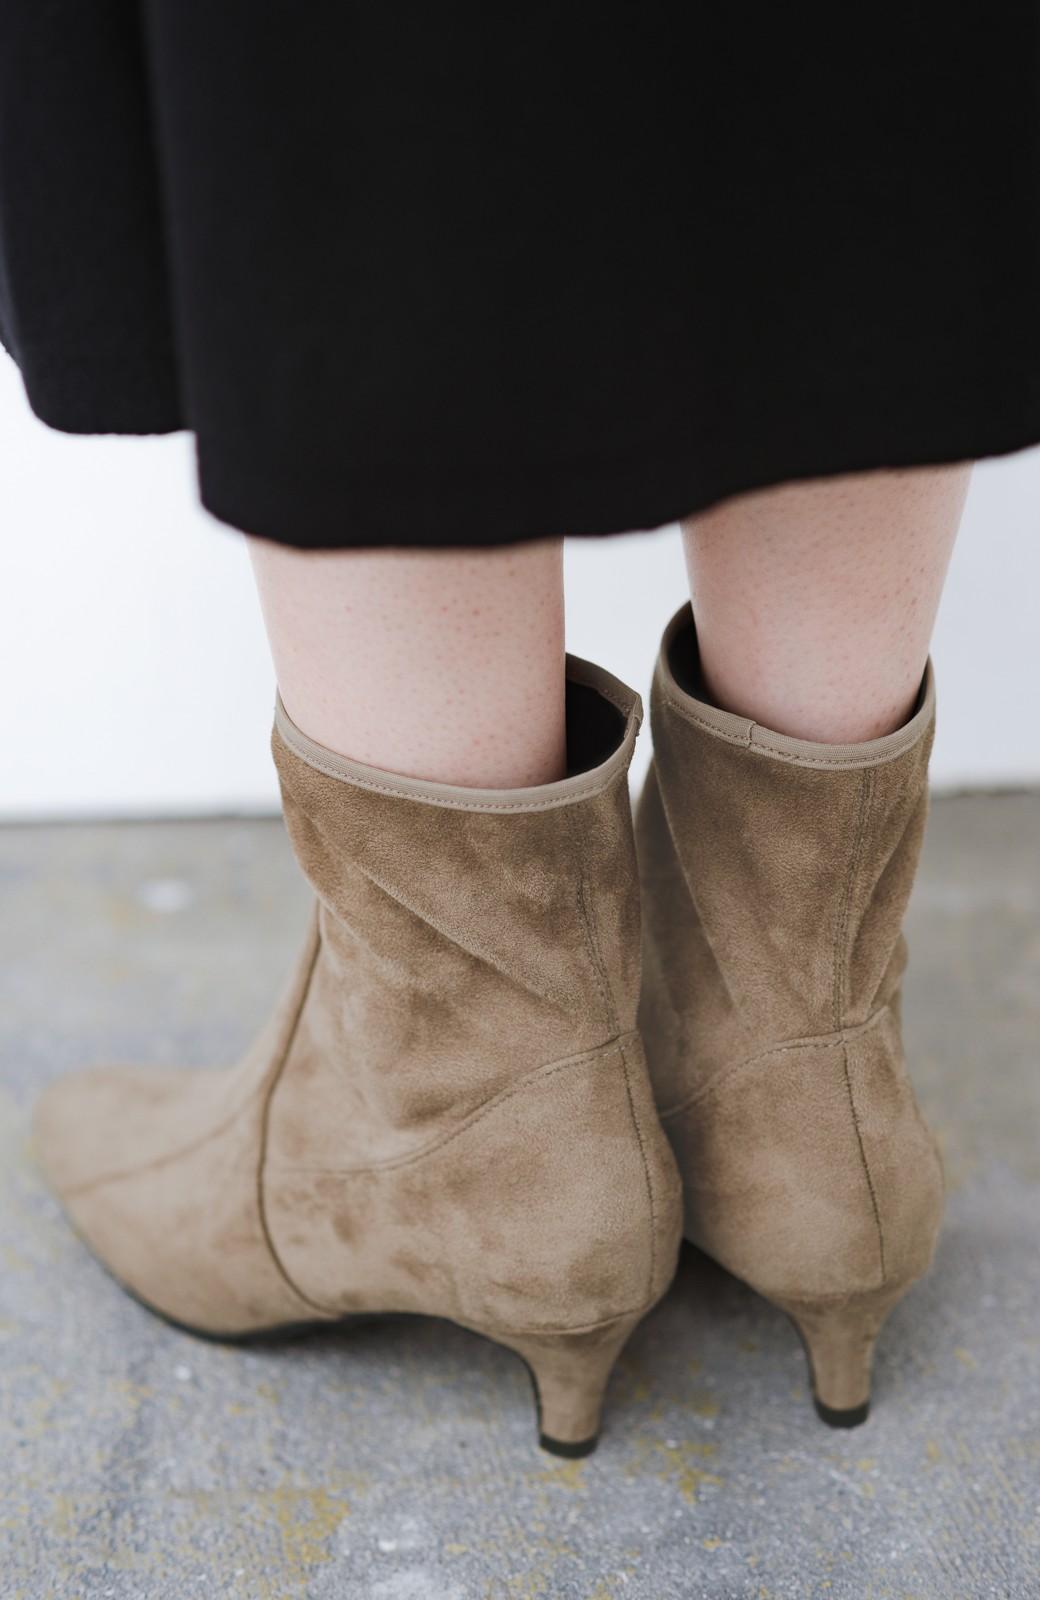 haco! デニムにもスカートにも似合う!すぽっと履けてスタイルアップが叶う女っぽフェイクスエードブーツ <ブラウン>の商品写真8